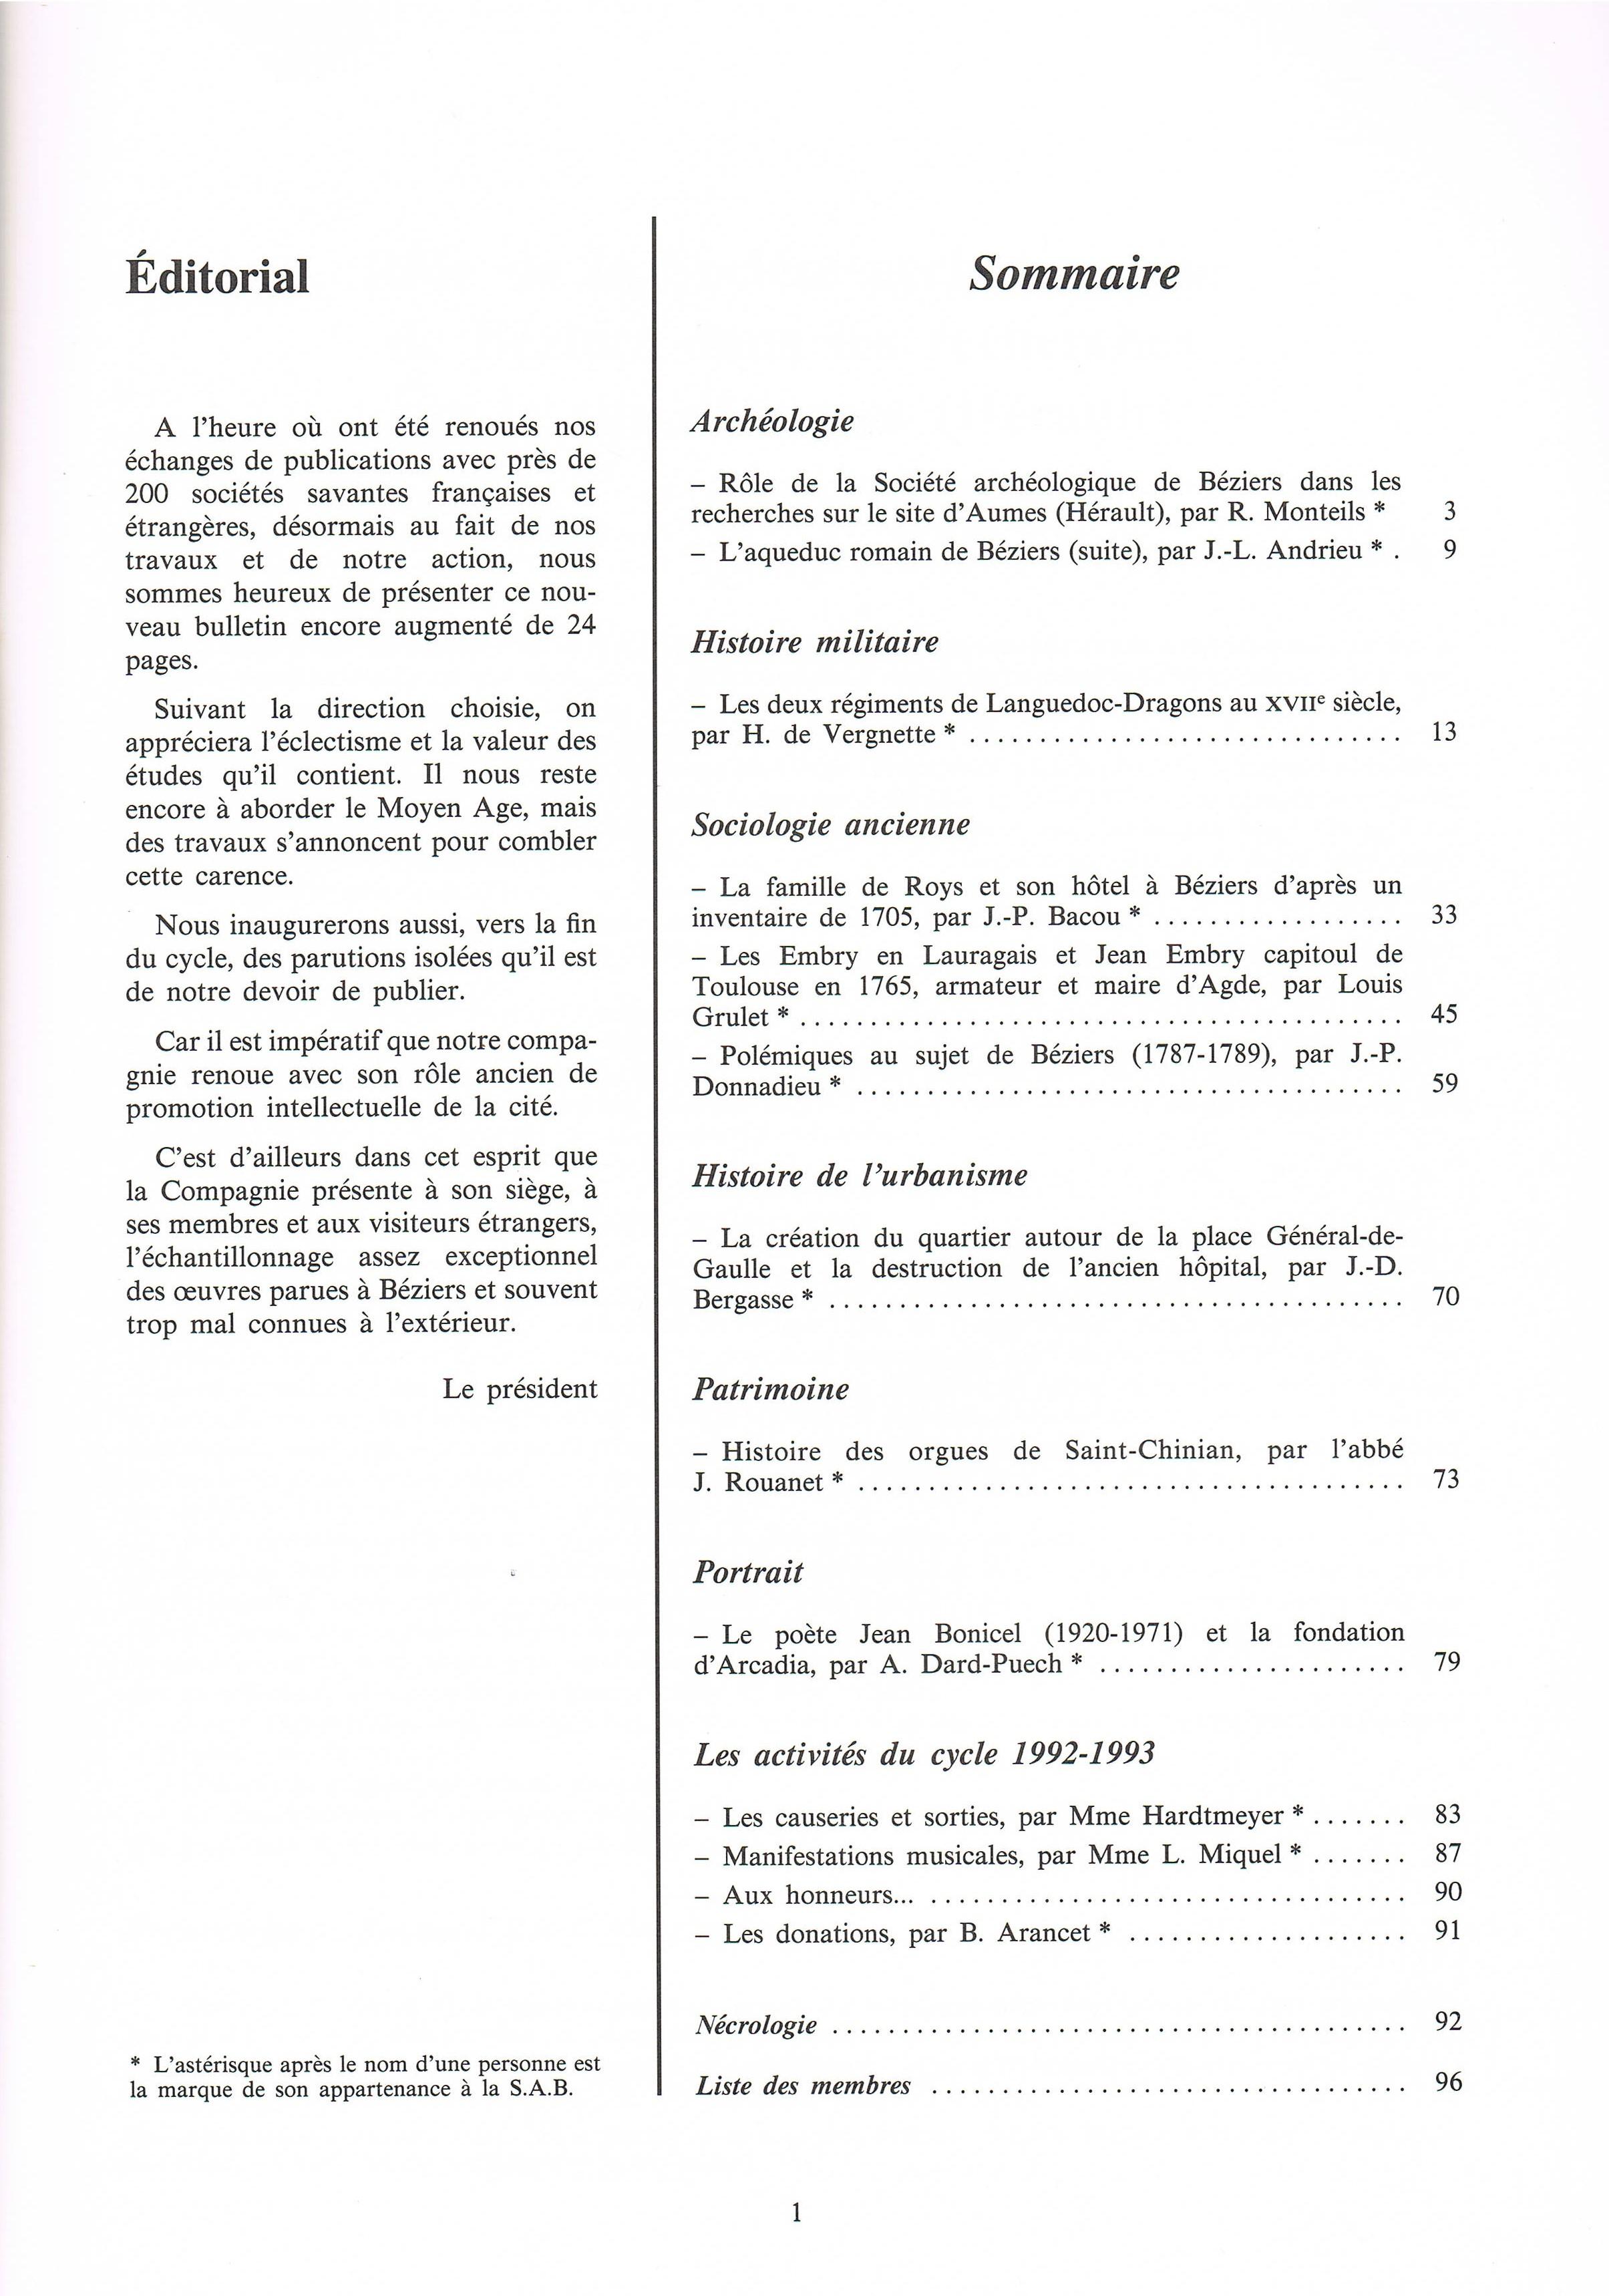 Bulletin_1992_1993_sommaire